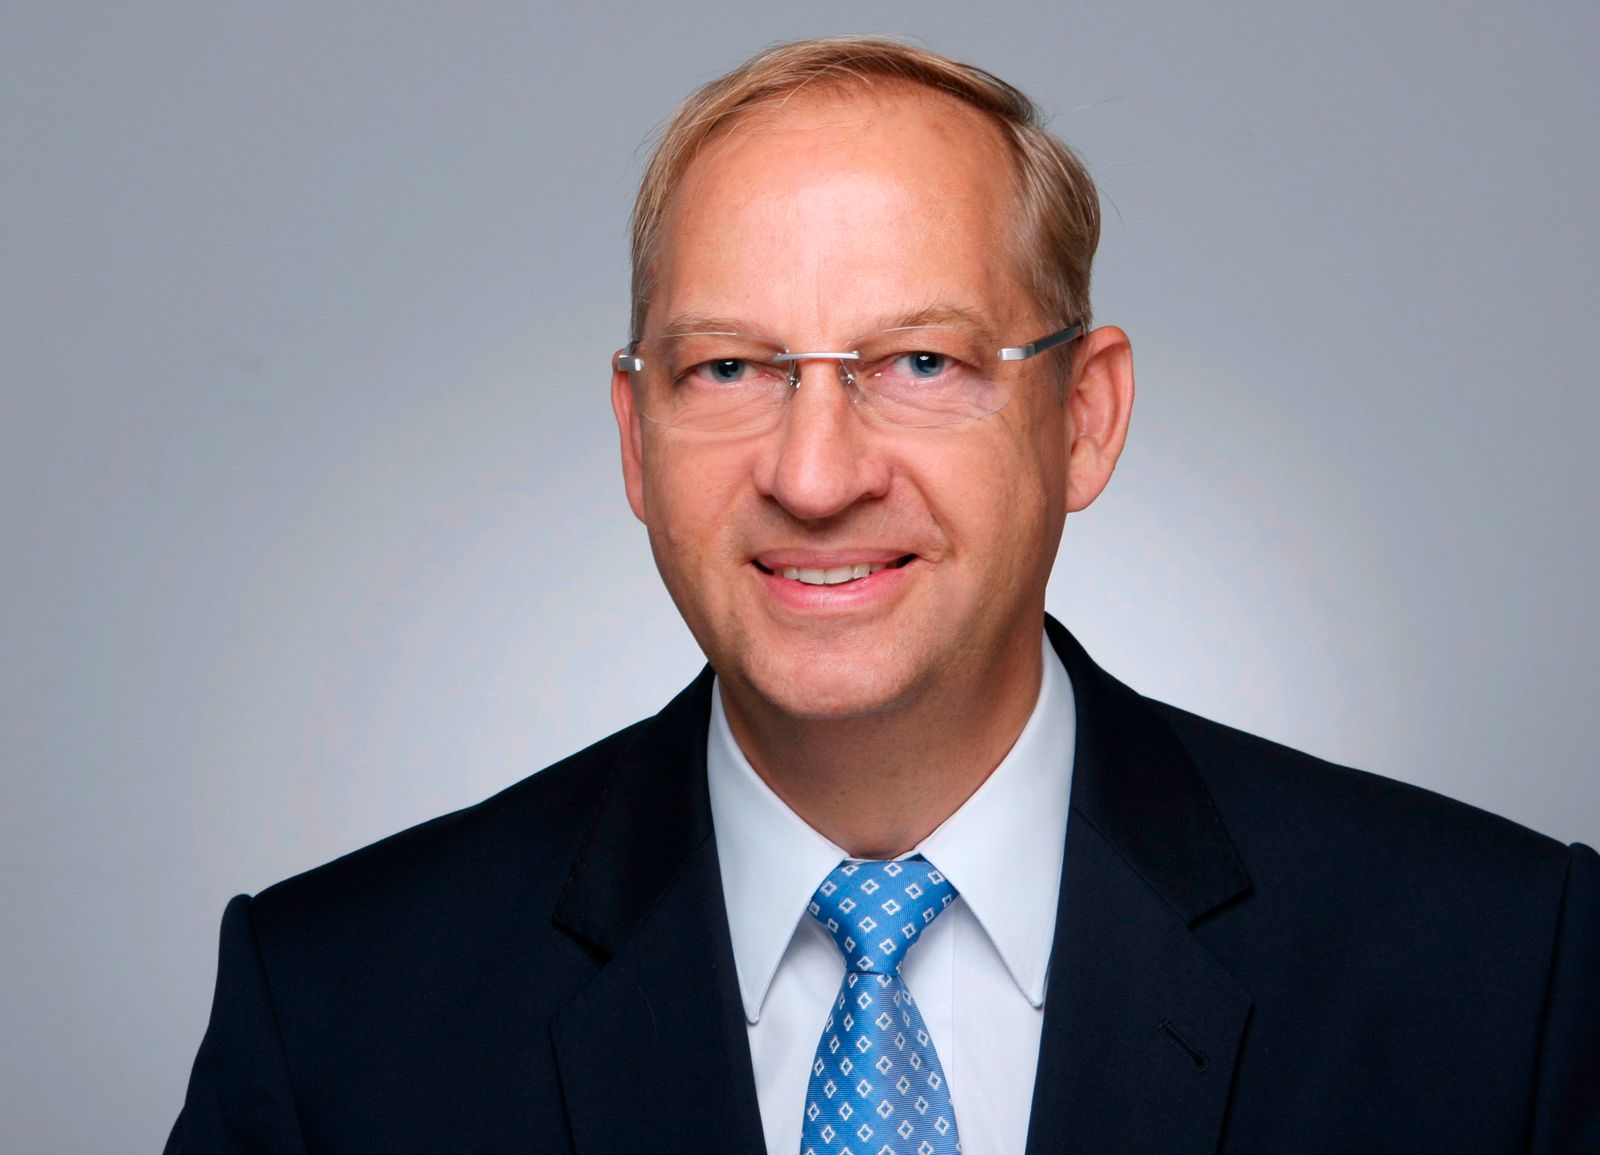 Dirk Hilgenberg - Volkswagen